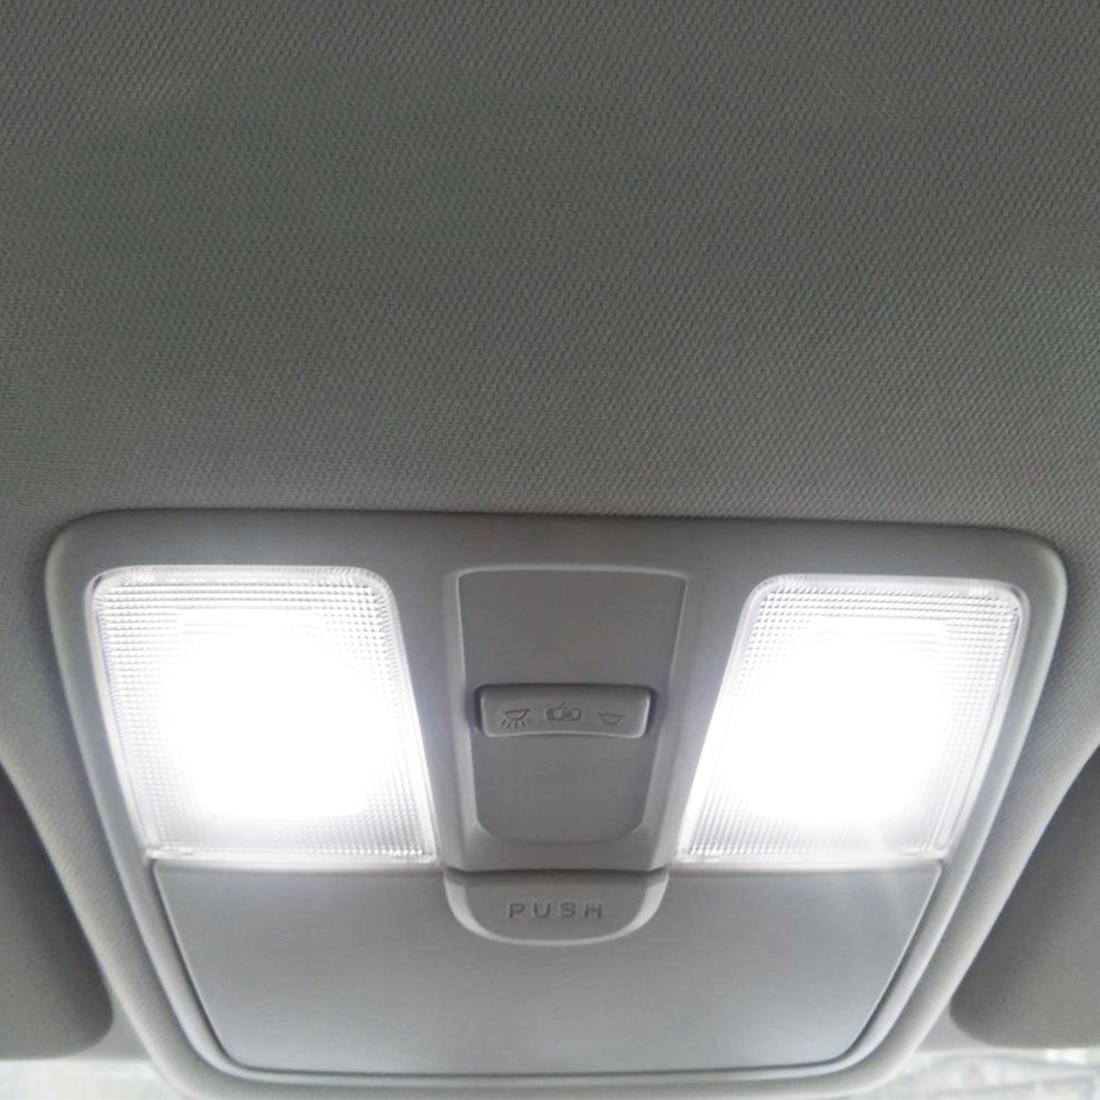 Tonewan nouvelle Voiture Super Bright Led Intérieur Dôme Lecture Lumière intérieur Lumière Pour KIA RIO K2 2006-2012 pour Hyundai Verna solaris